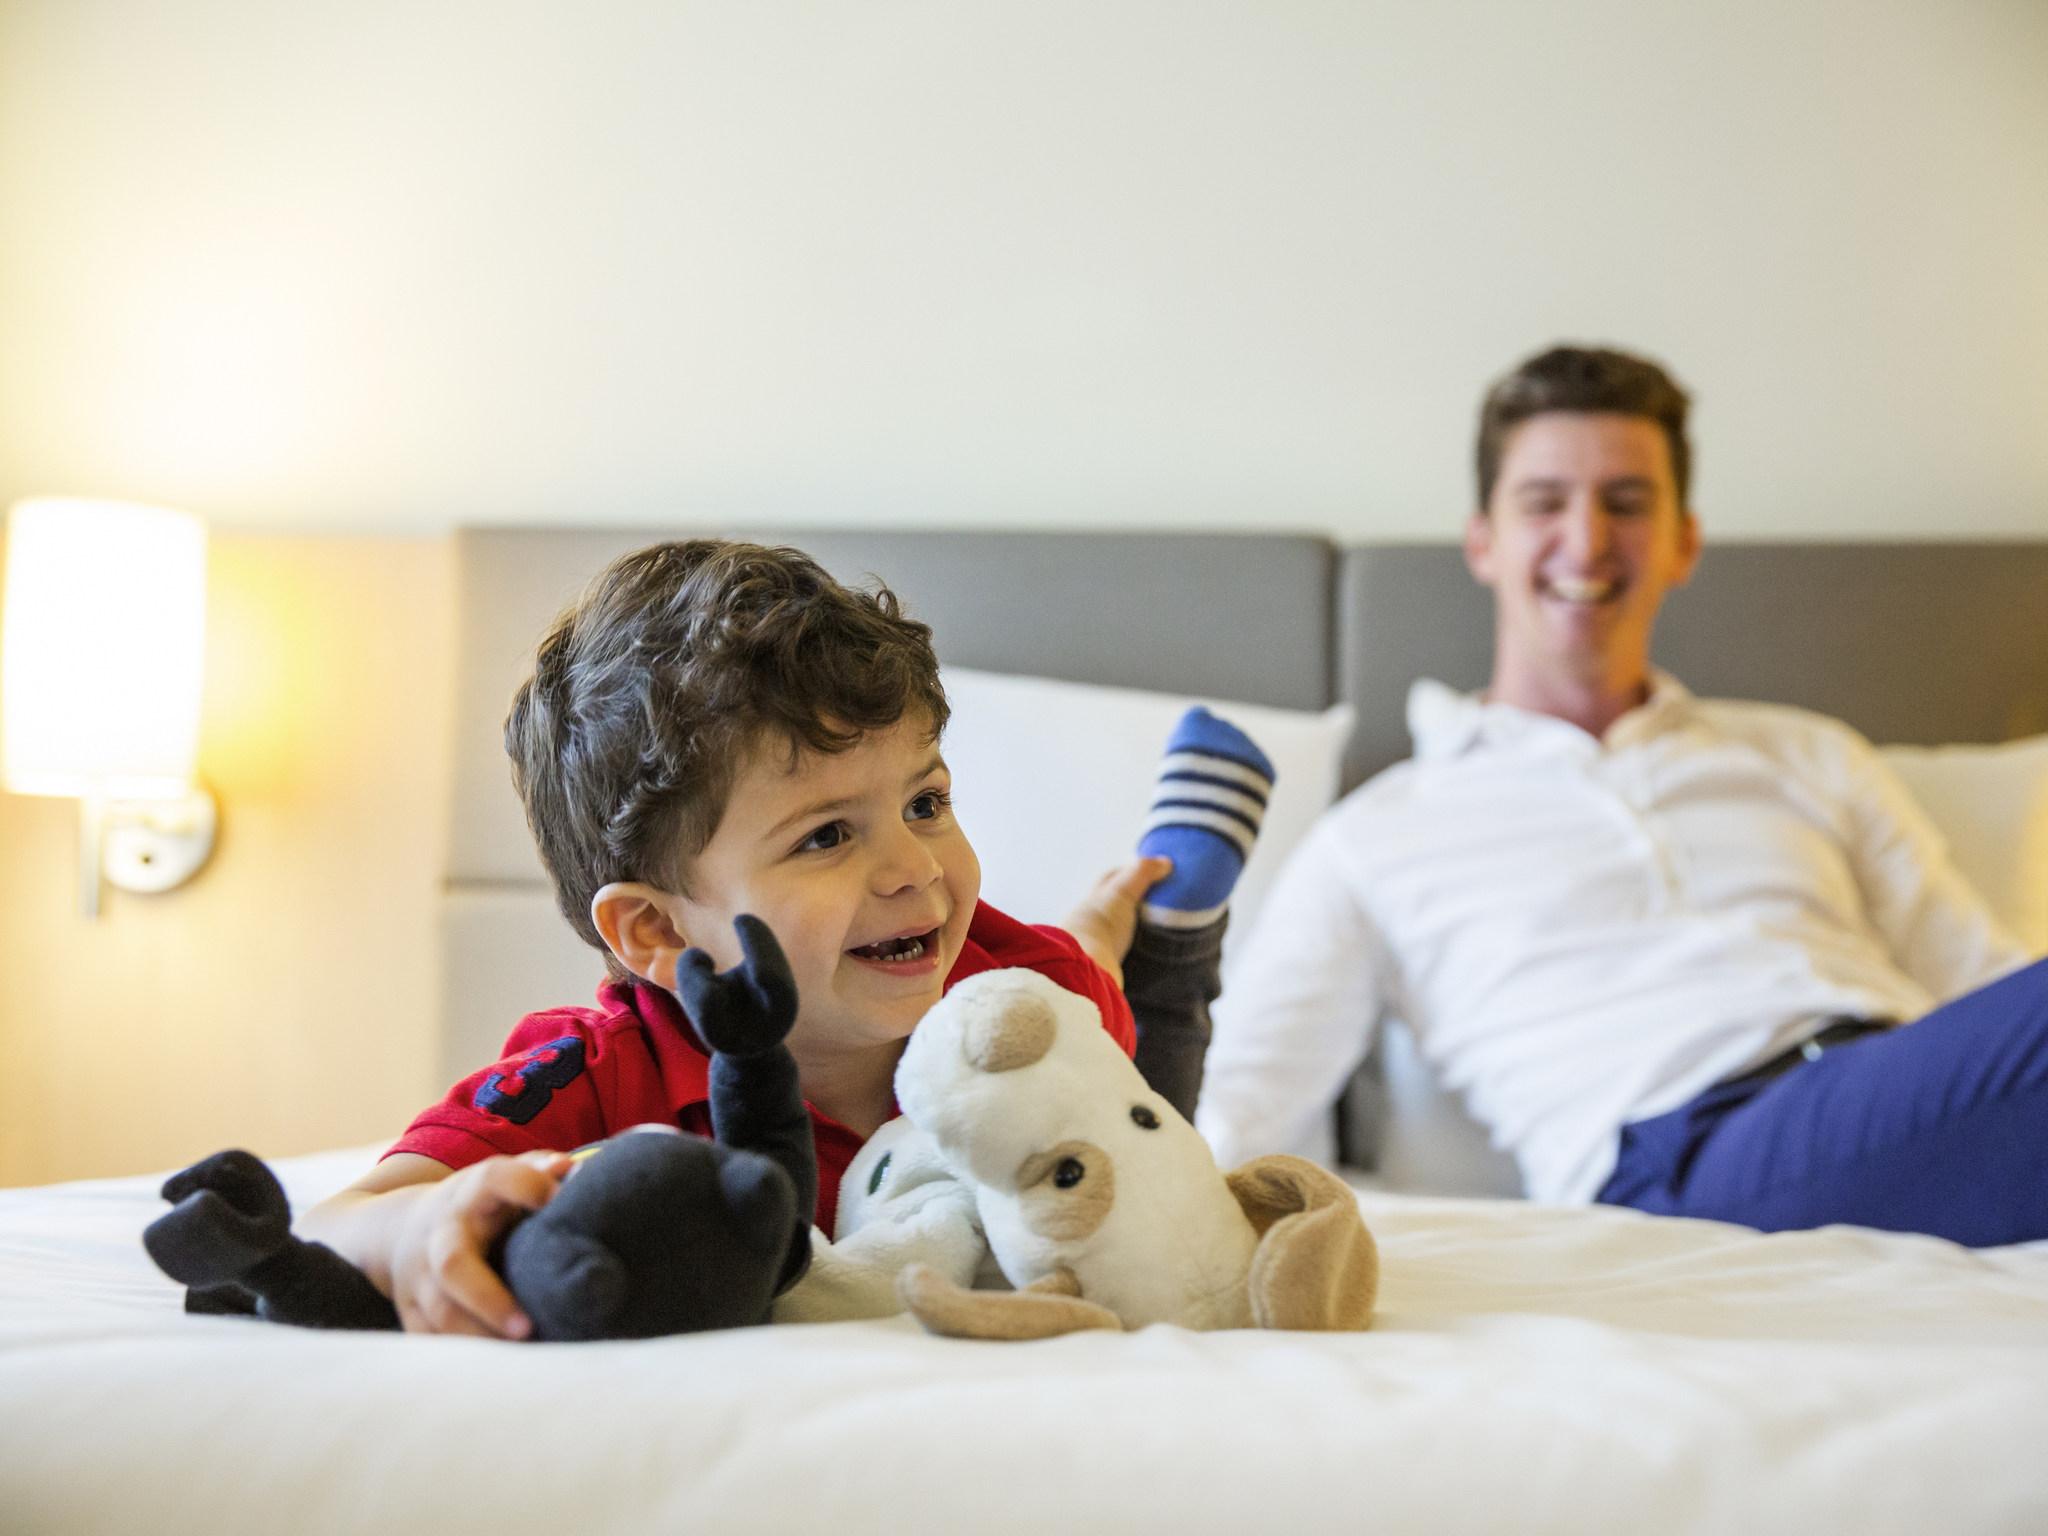 โรงแรม – โนโวเทลสวีทส์ ดูไบ มอล ออฟ เอมิเรตส์